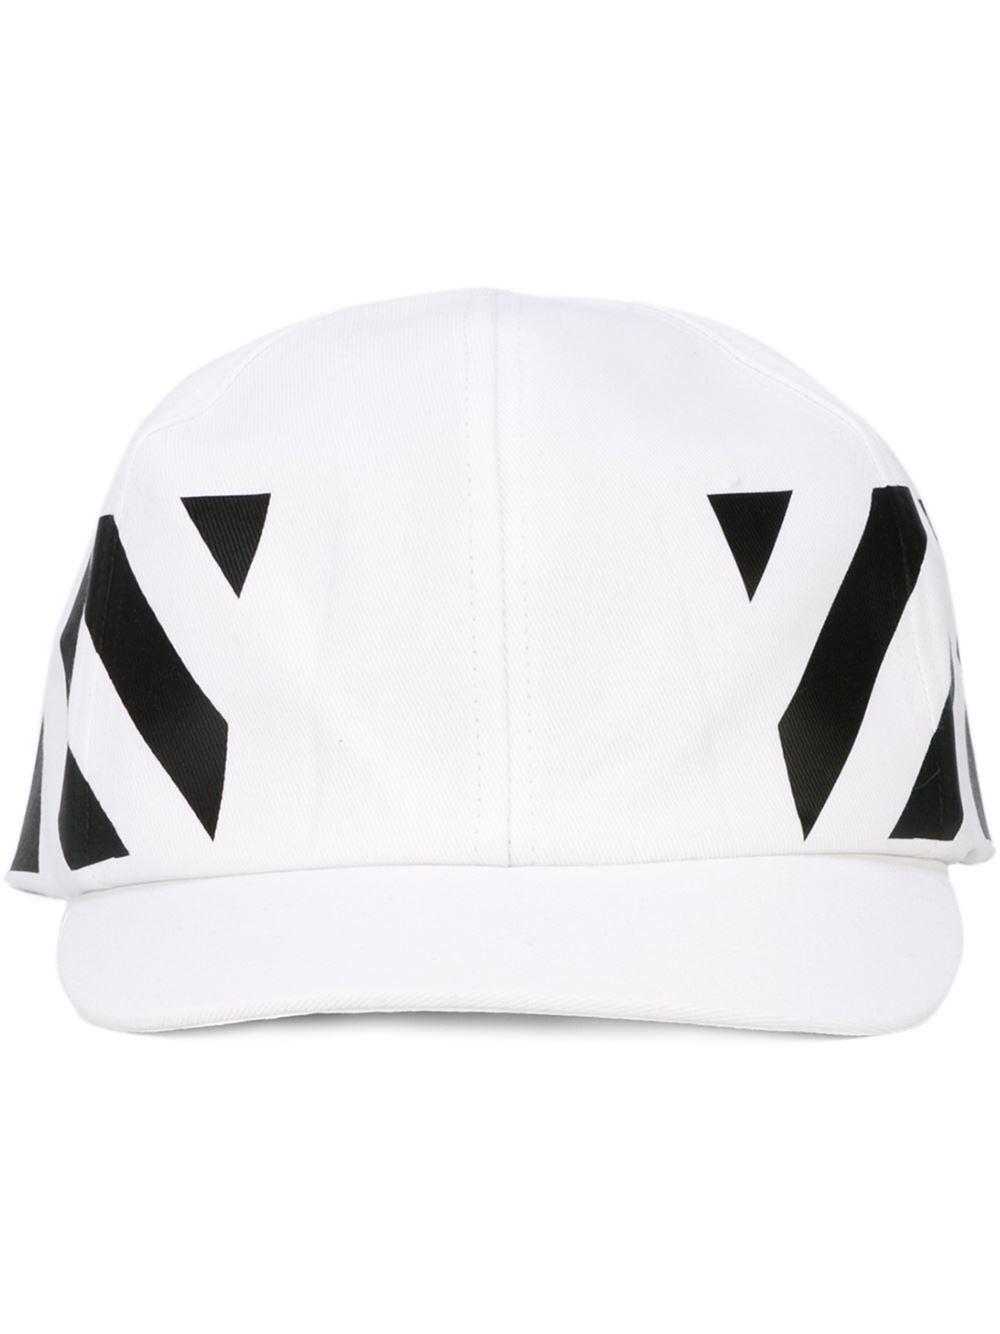 Lyst - Off-White C/O Virgil Abloh Striped Baseball Cap in White for Men